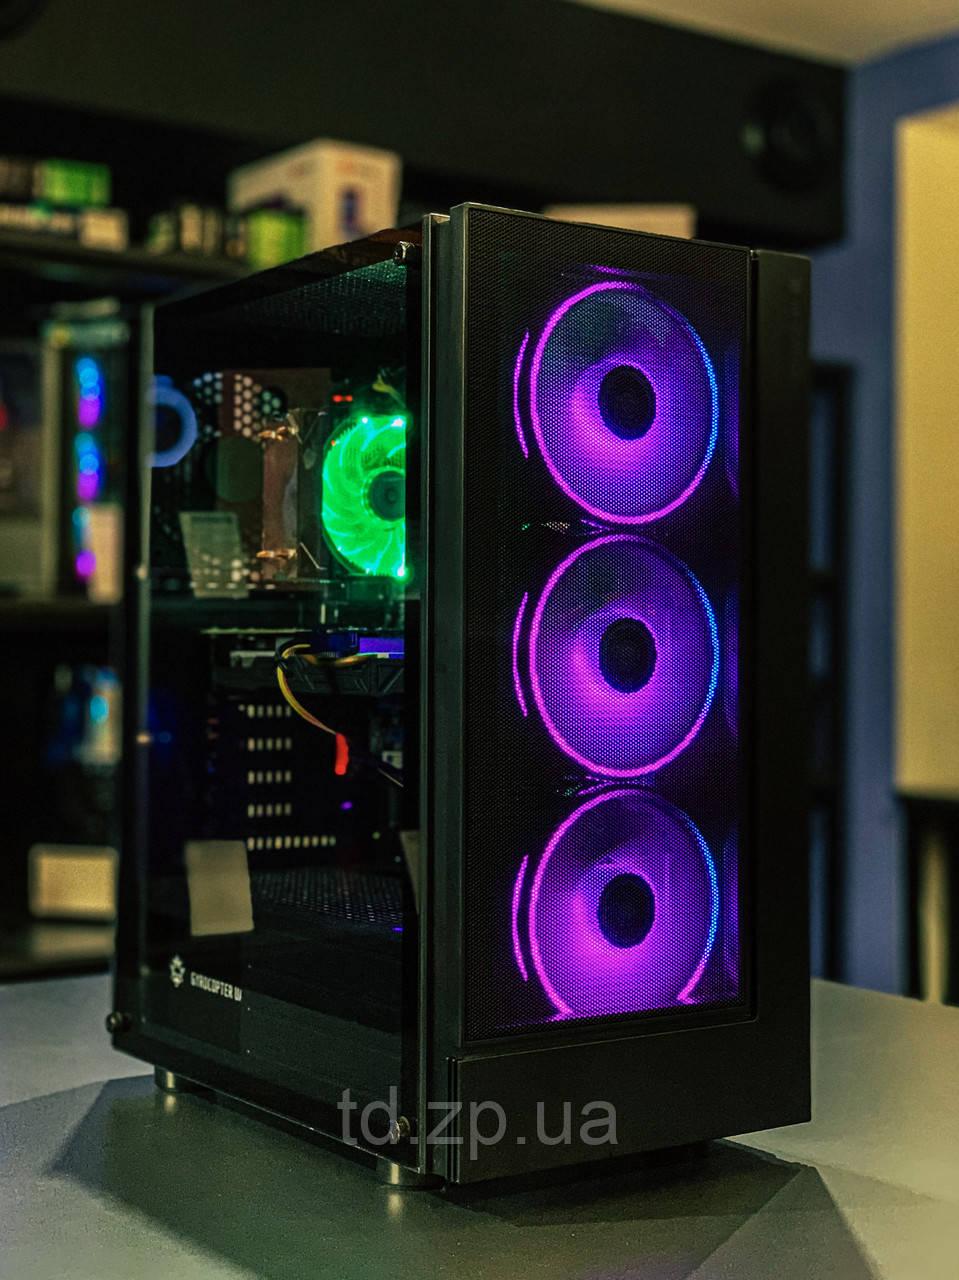 ИГРОВОЙ КОМПЬЮТЕР INTEL CORE I5-9400 + GTX 1660 SUPER 6GB + RAM 16GB + HDD 1000GB + SSD 120GB